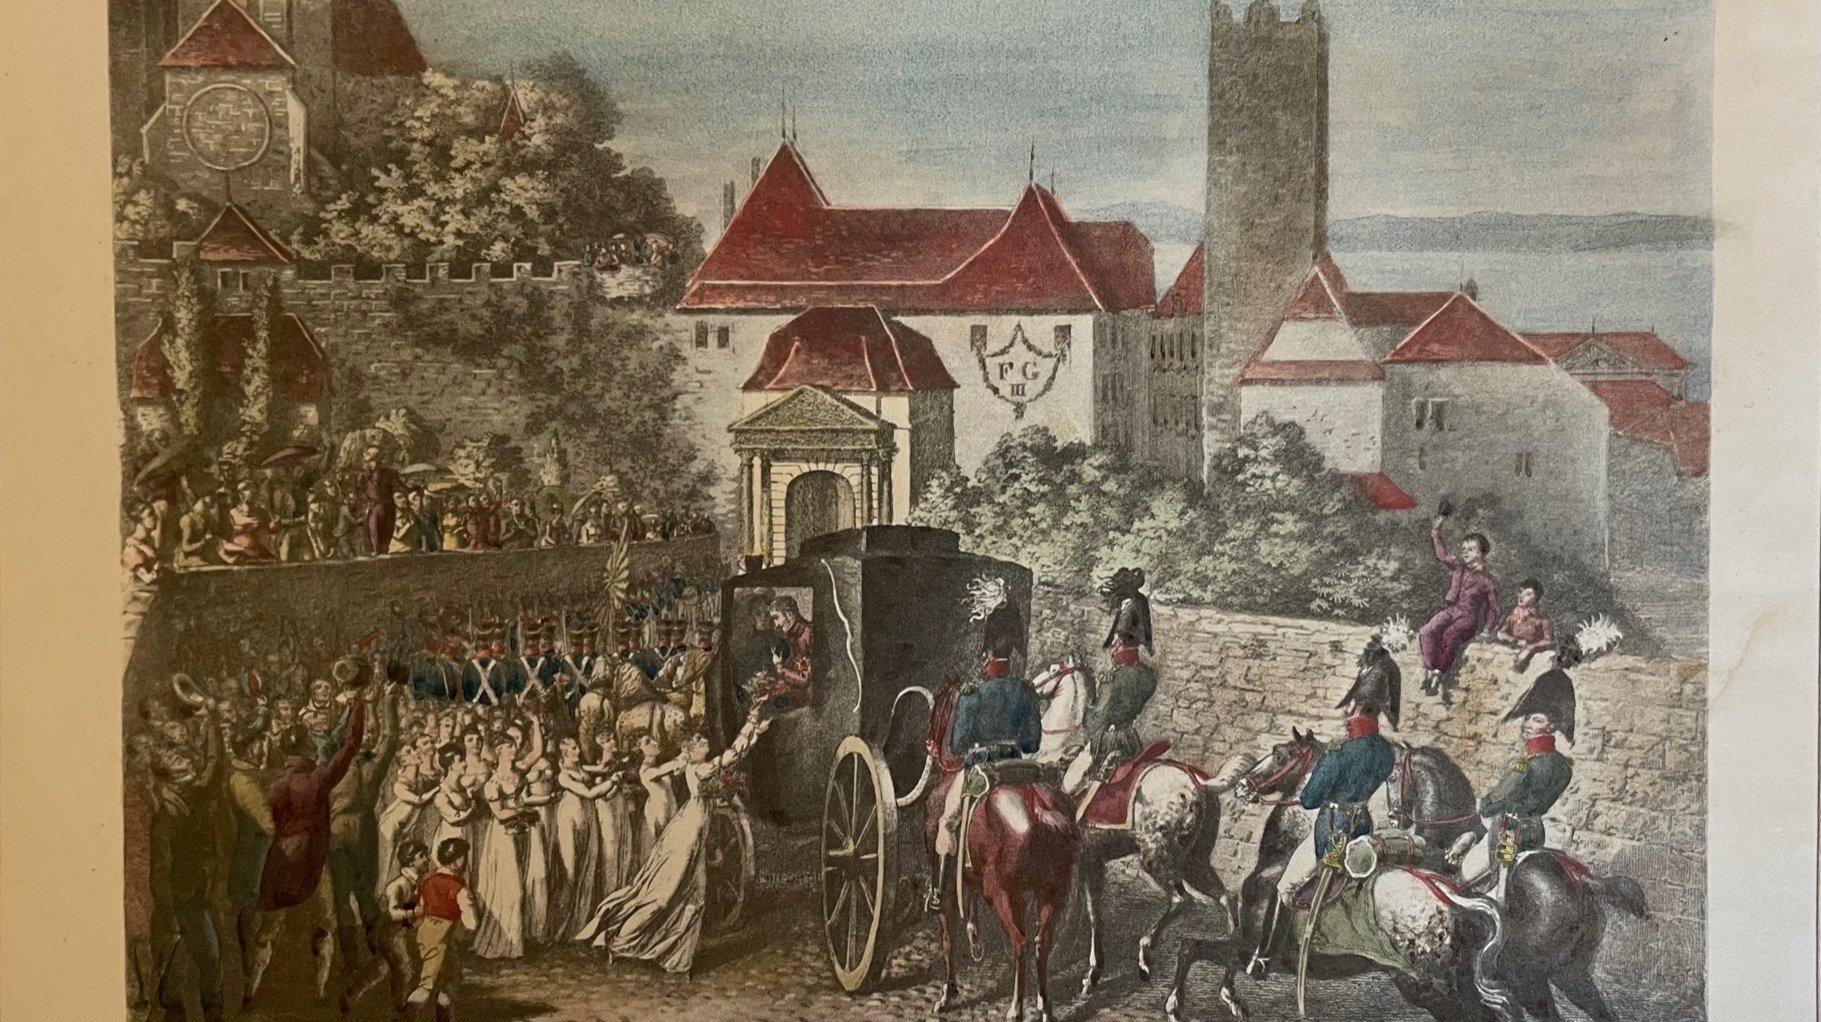 La torture était encore pratiquée à Neuchâtel au 19e siècle